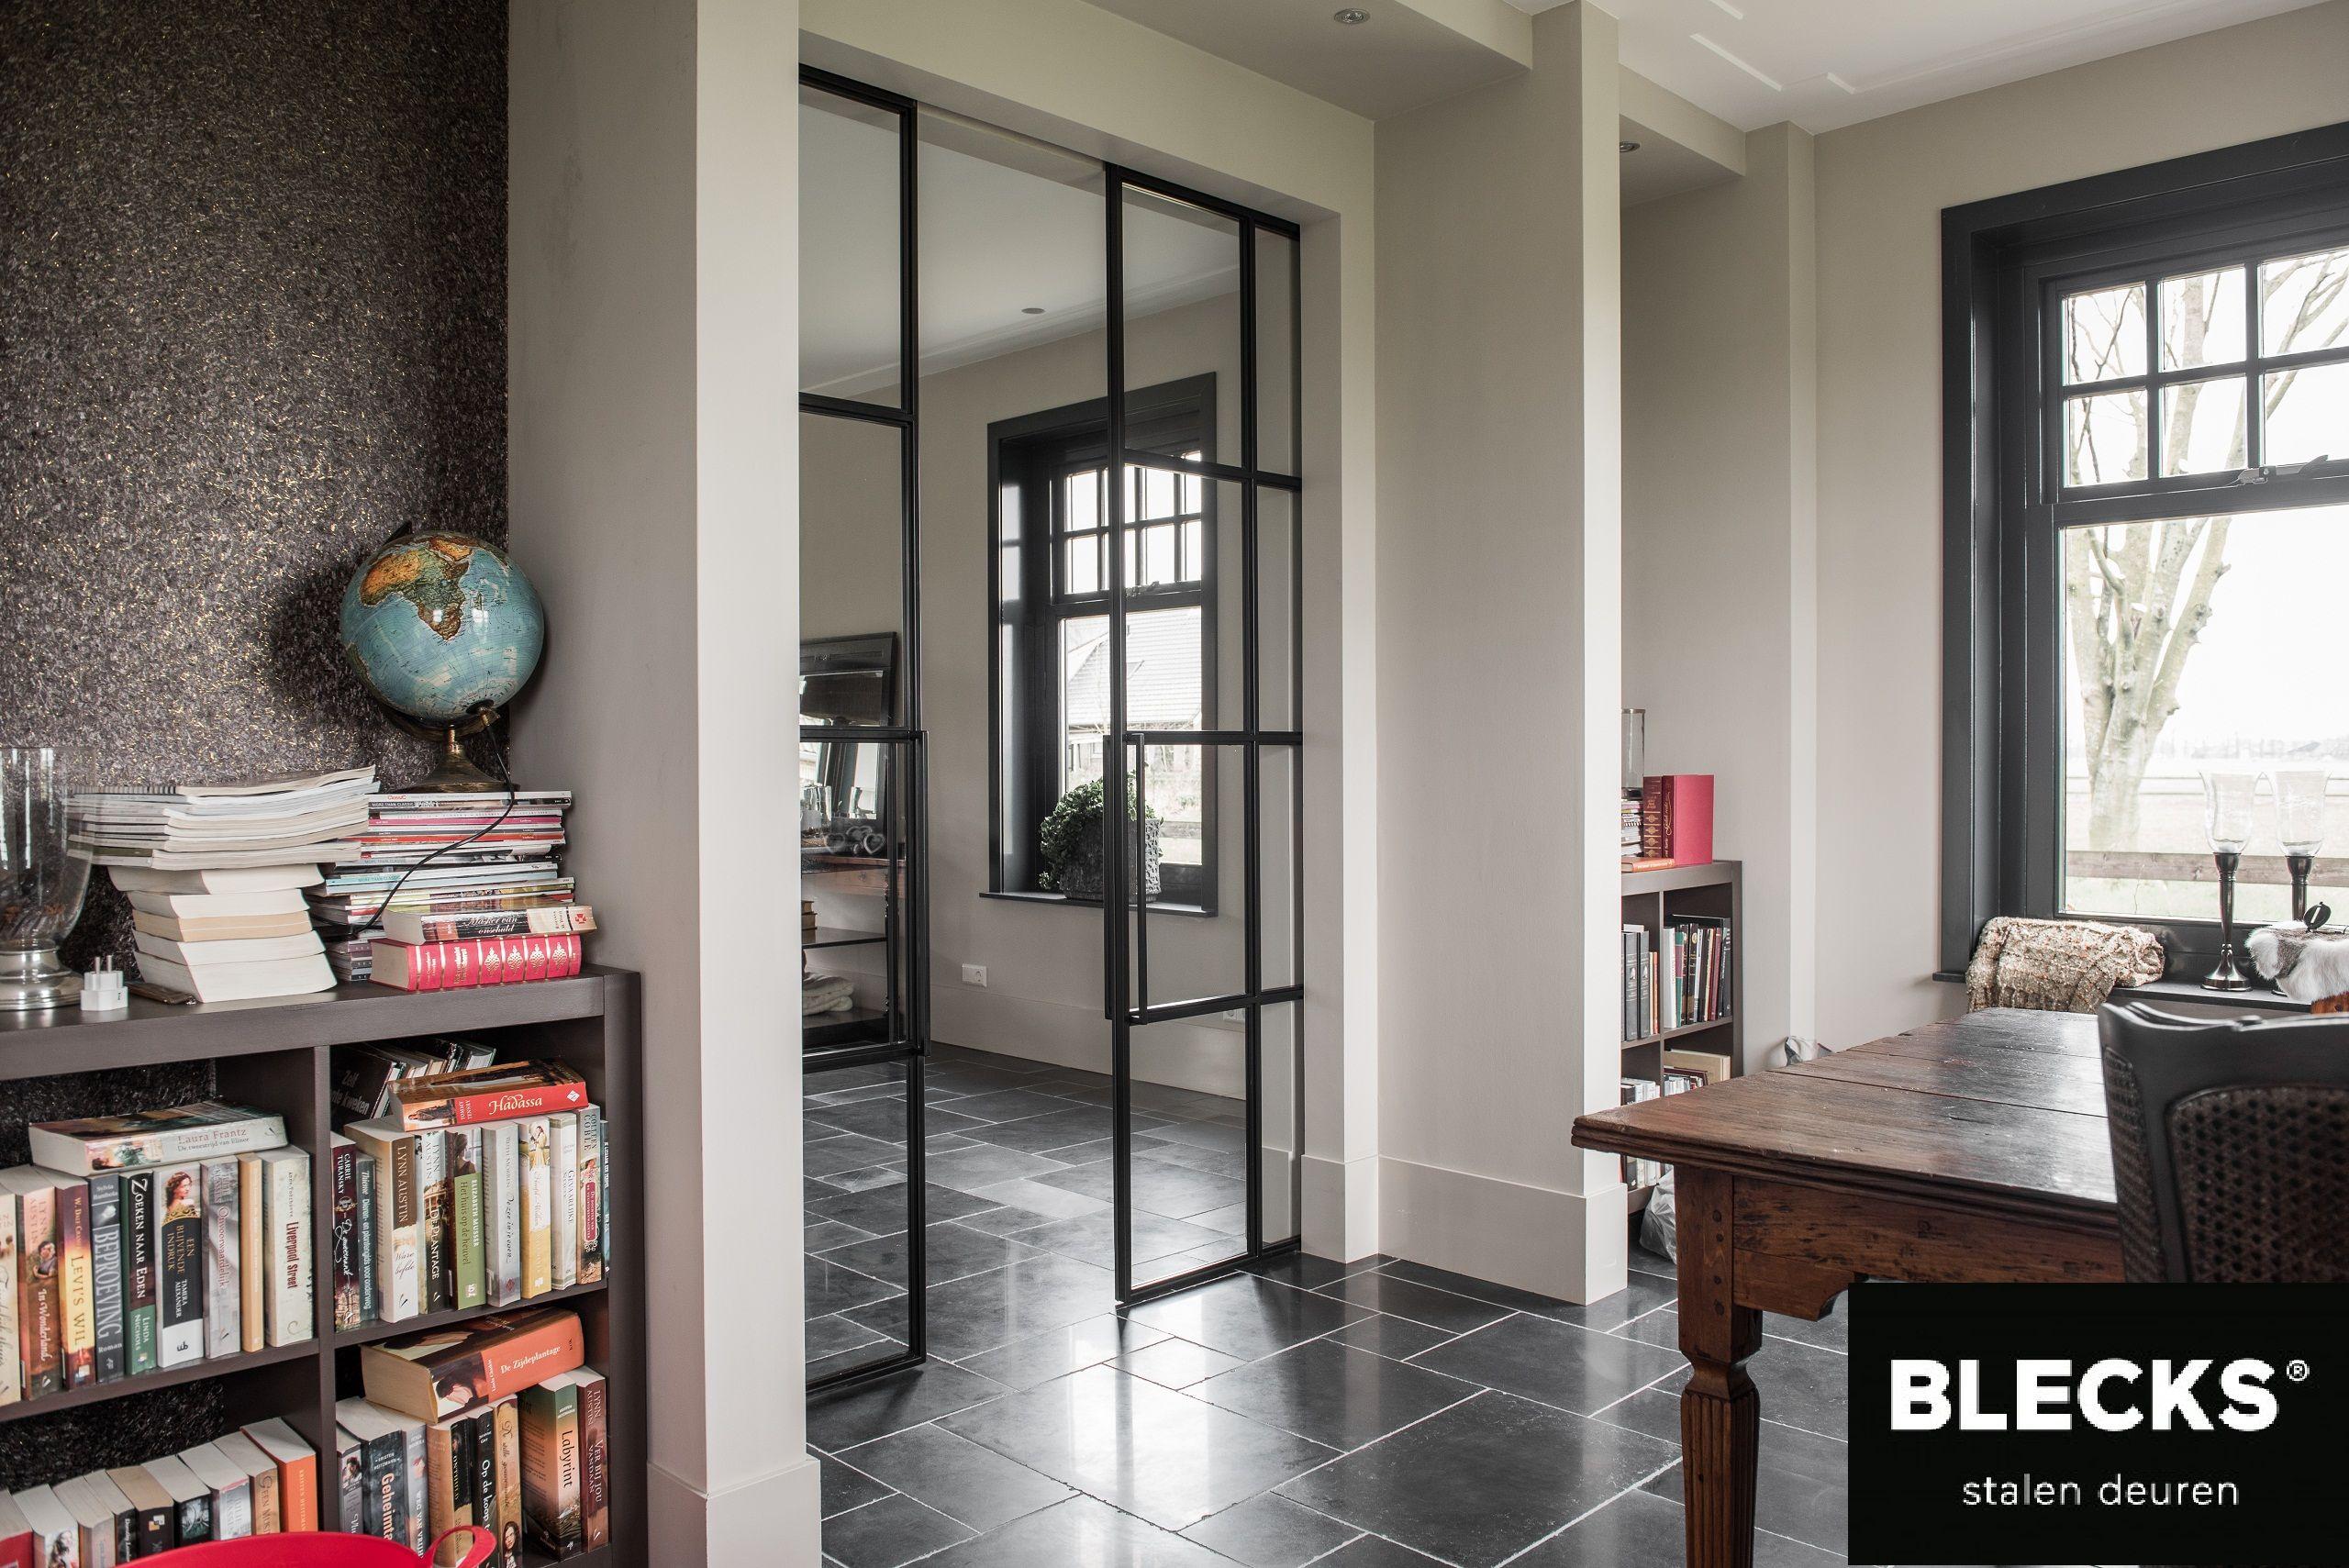 Een prachtige schuifdeur tussen de keuken en de woonkamer nice